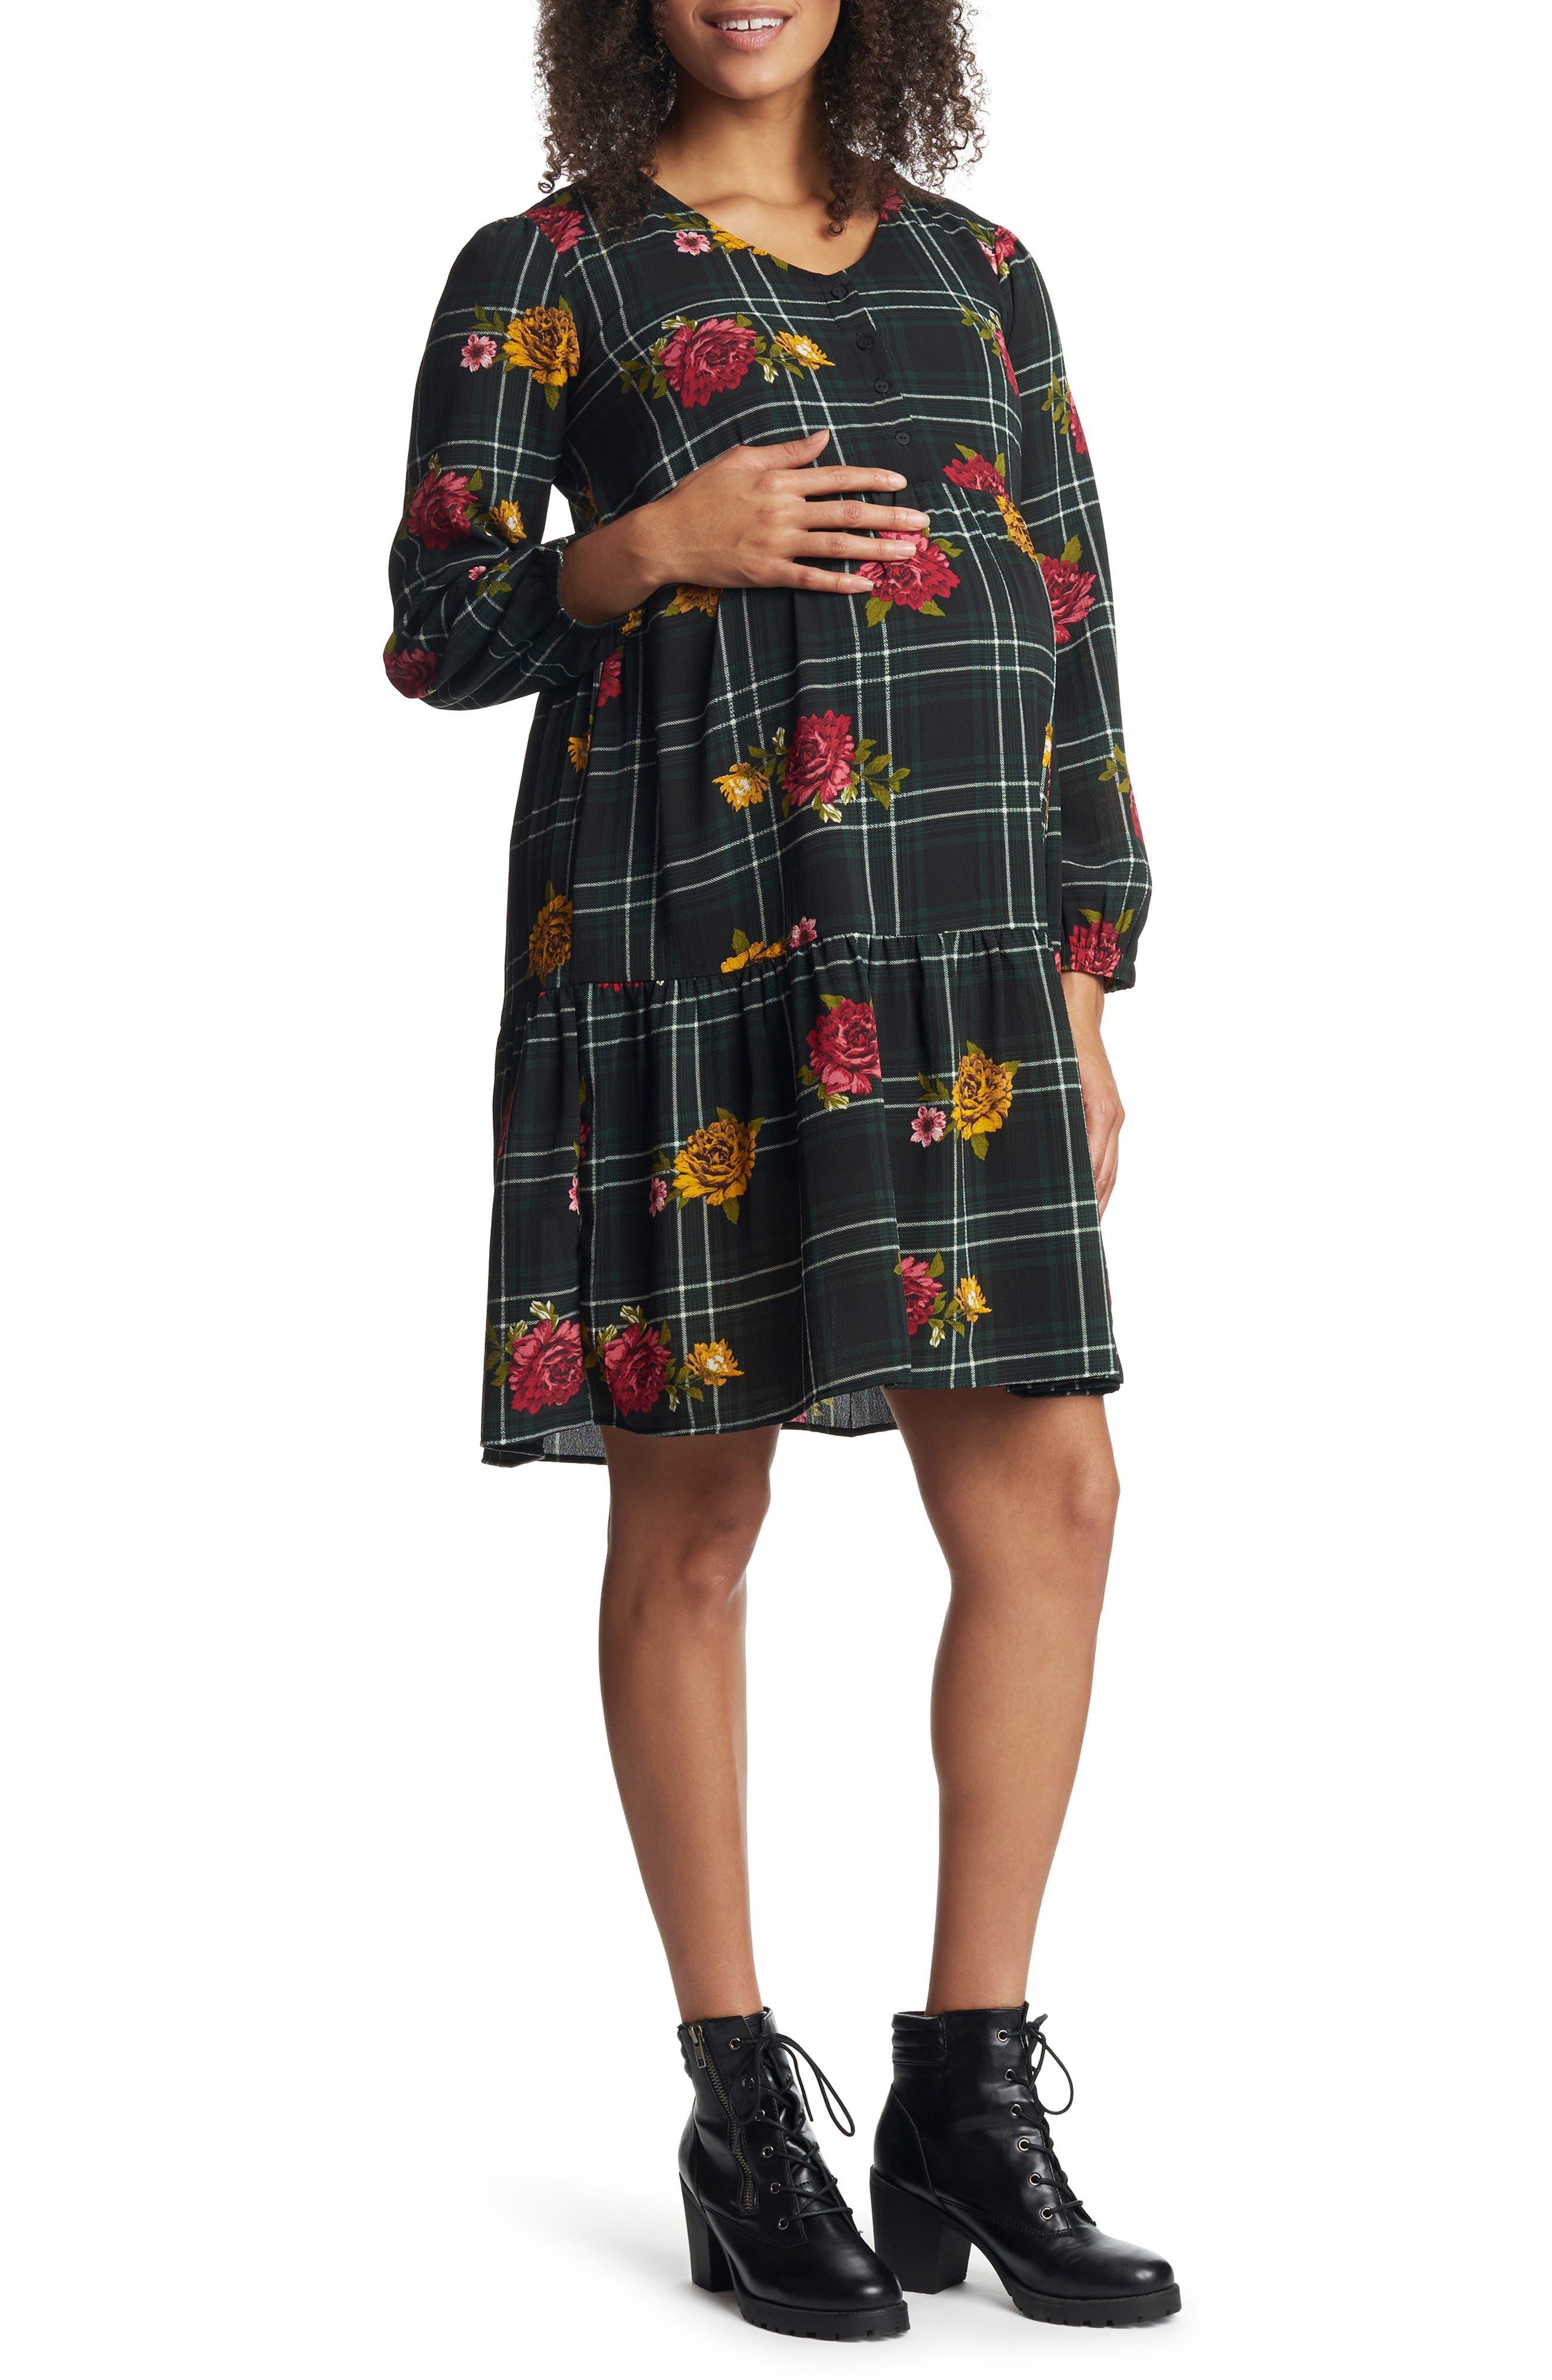 Tara Long Sleeve Maternity/nursing Dress